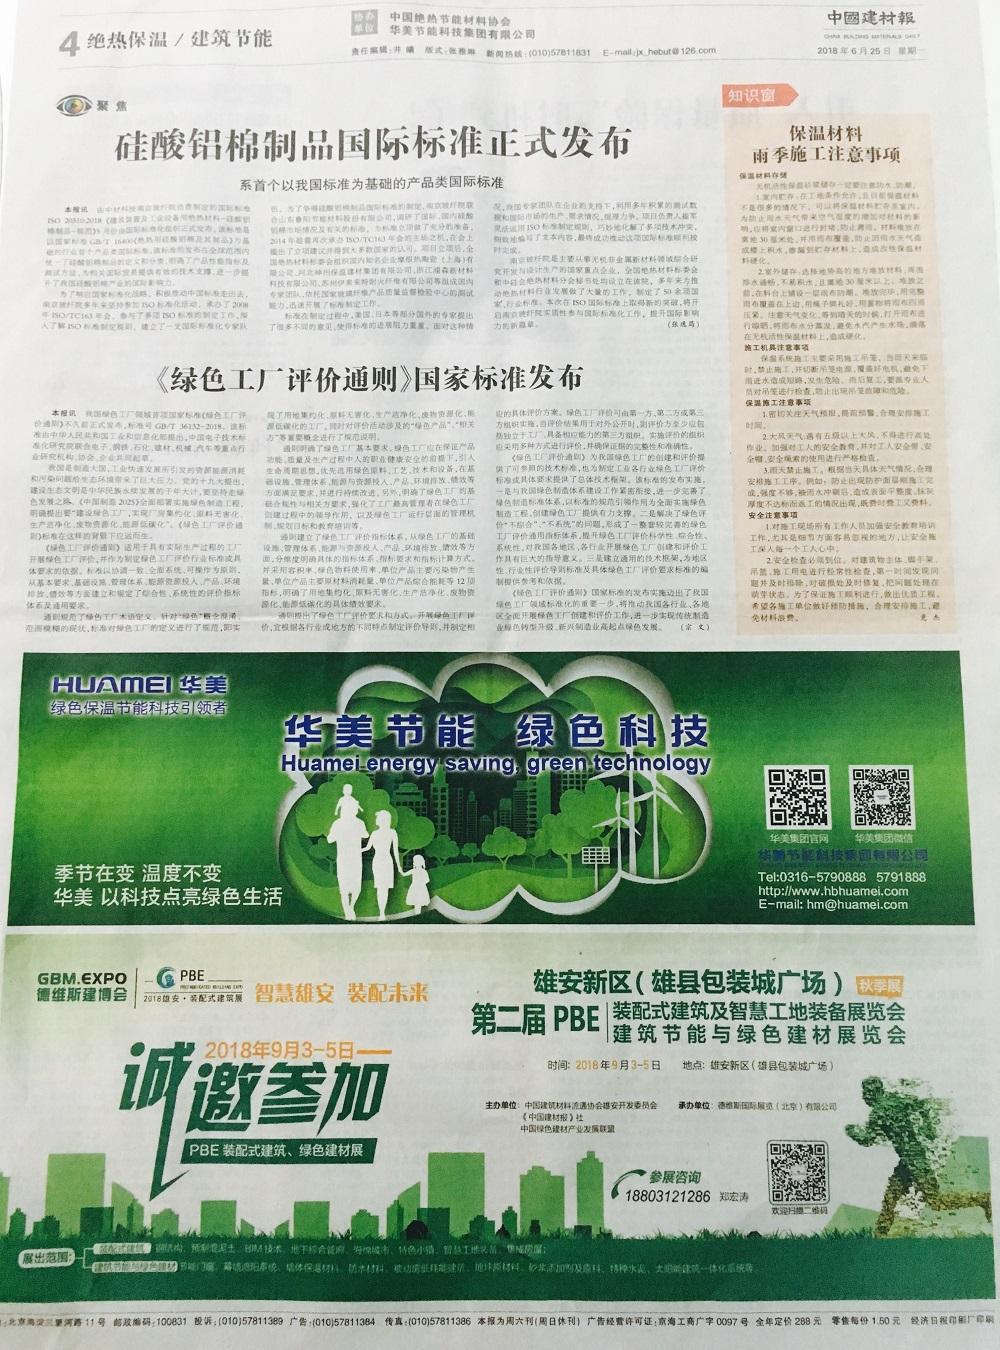 中国建材报刊登广告.jpg